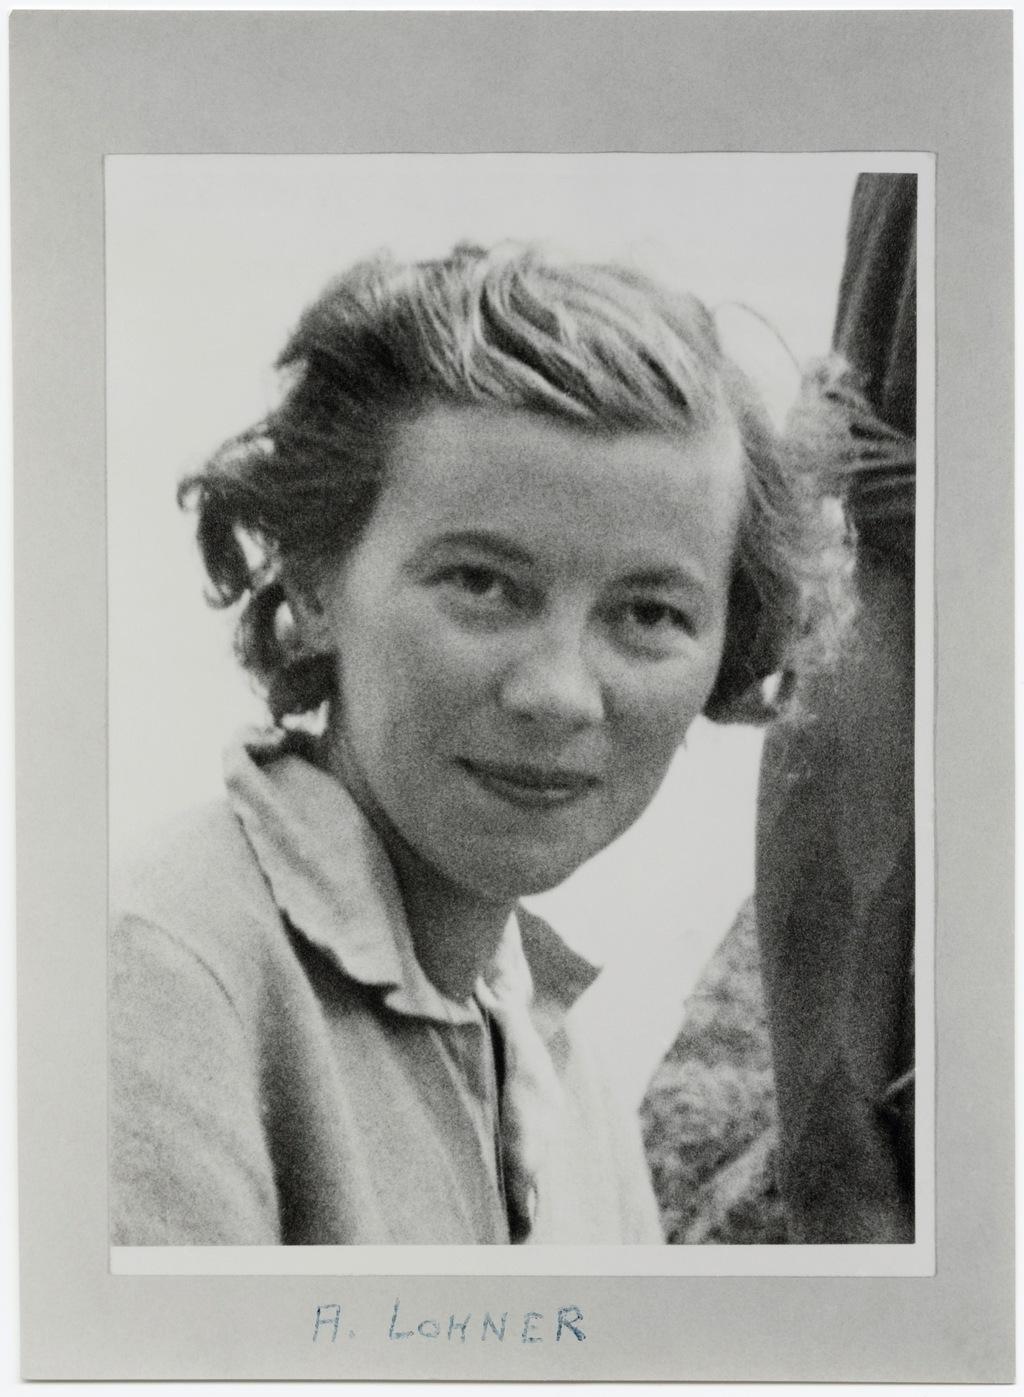 年輕的先鋒登山家安娜莉絲・露娜,籌劃瑞士探險隊前往喜馬拉雅山。在旅程中,他們在多個山峰創下首次登頂的紀錄。